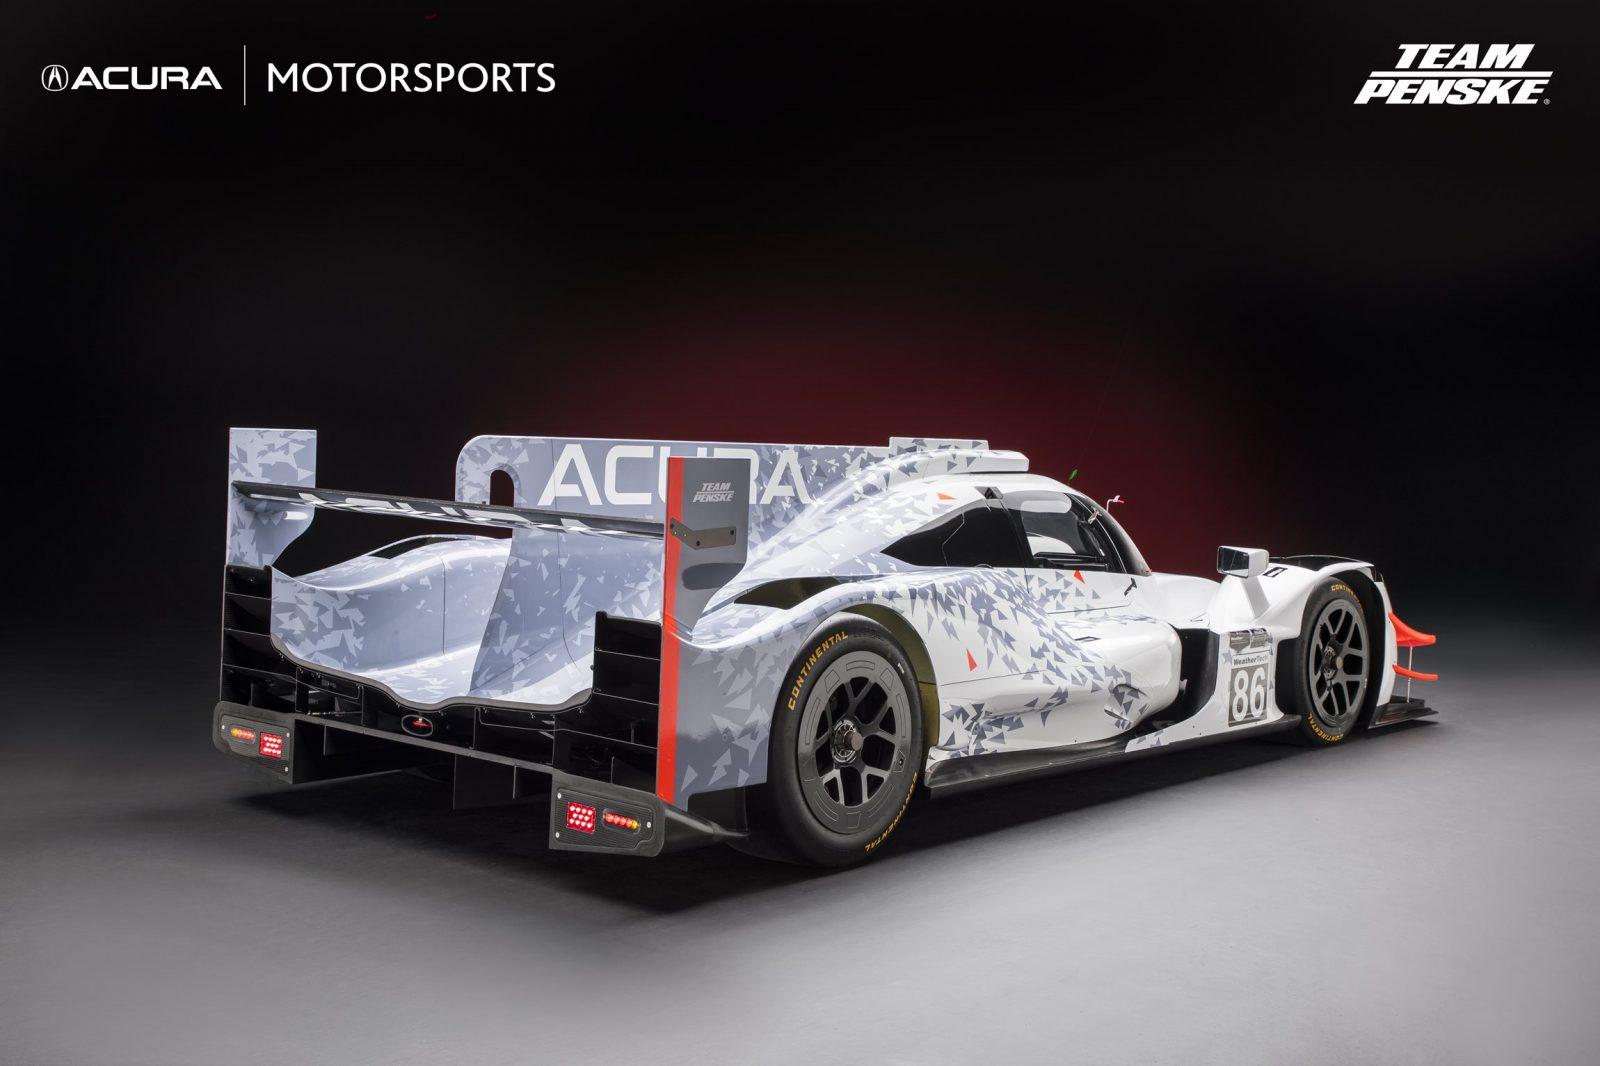 2018 acura dpi.  acura home  2018 acura arx05 endurance racer bringing v6tt to track  dpi race car in acura dpi f